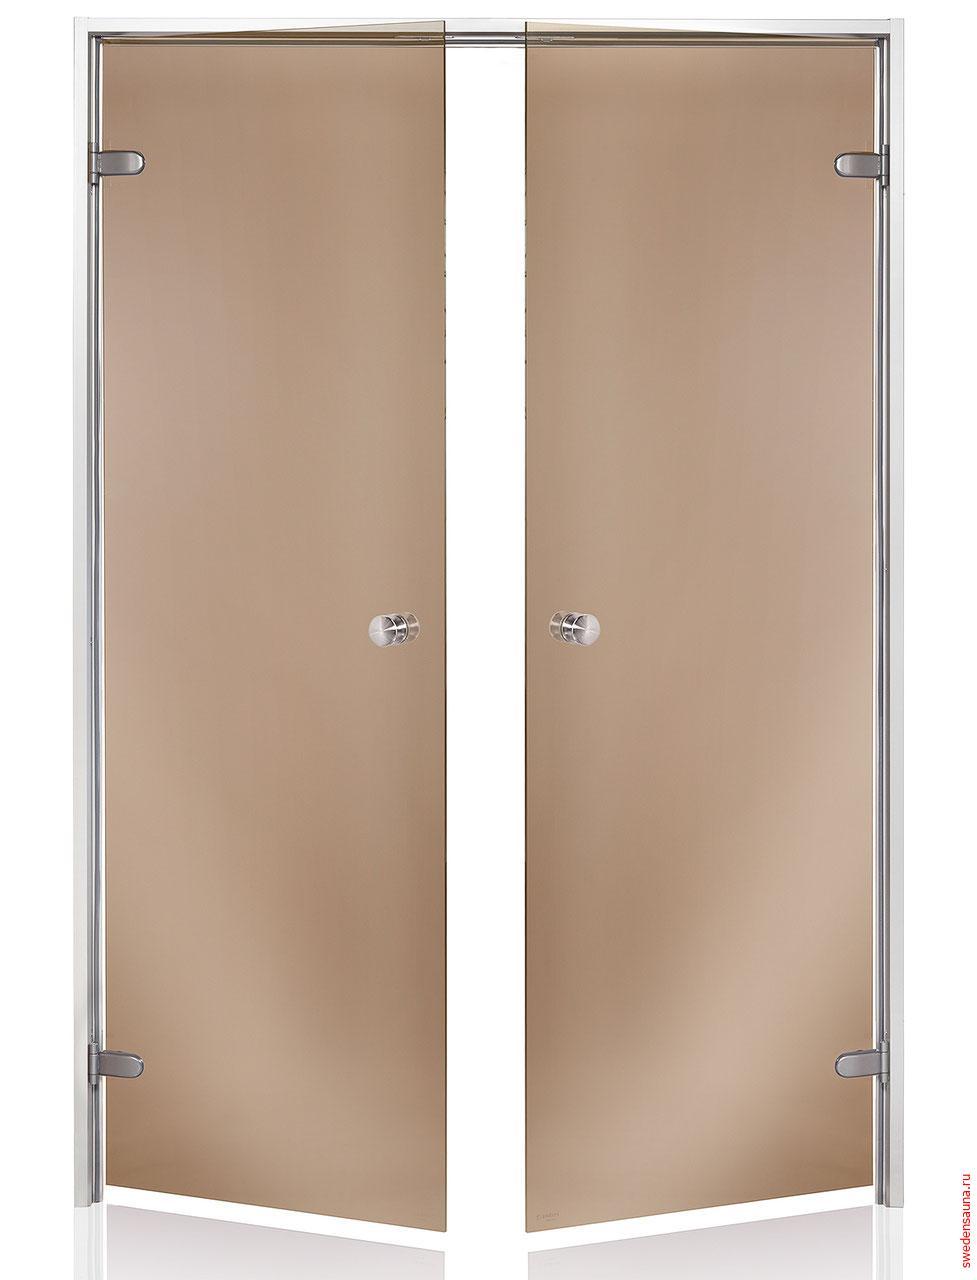 Дверь двойная Harvia ALU 13×21 стекло бронза - фото, описание, отзывы.